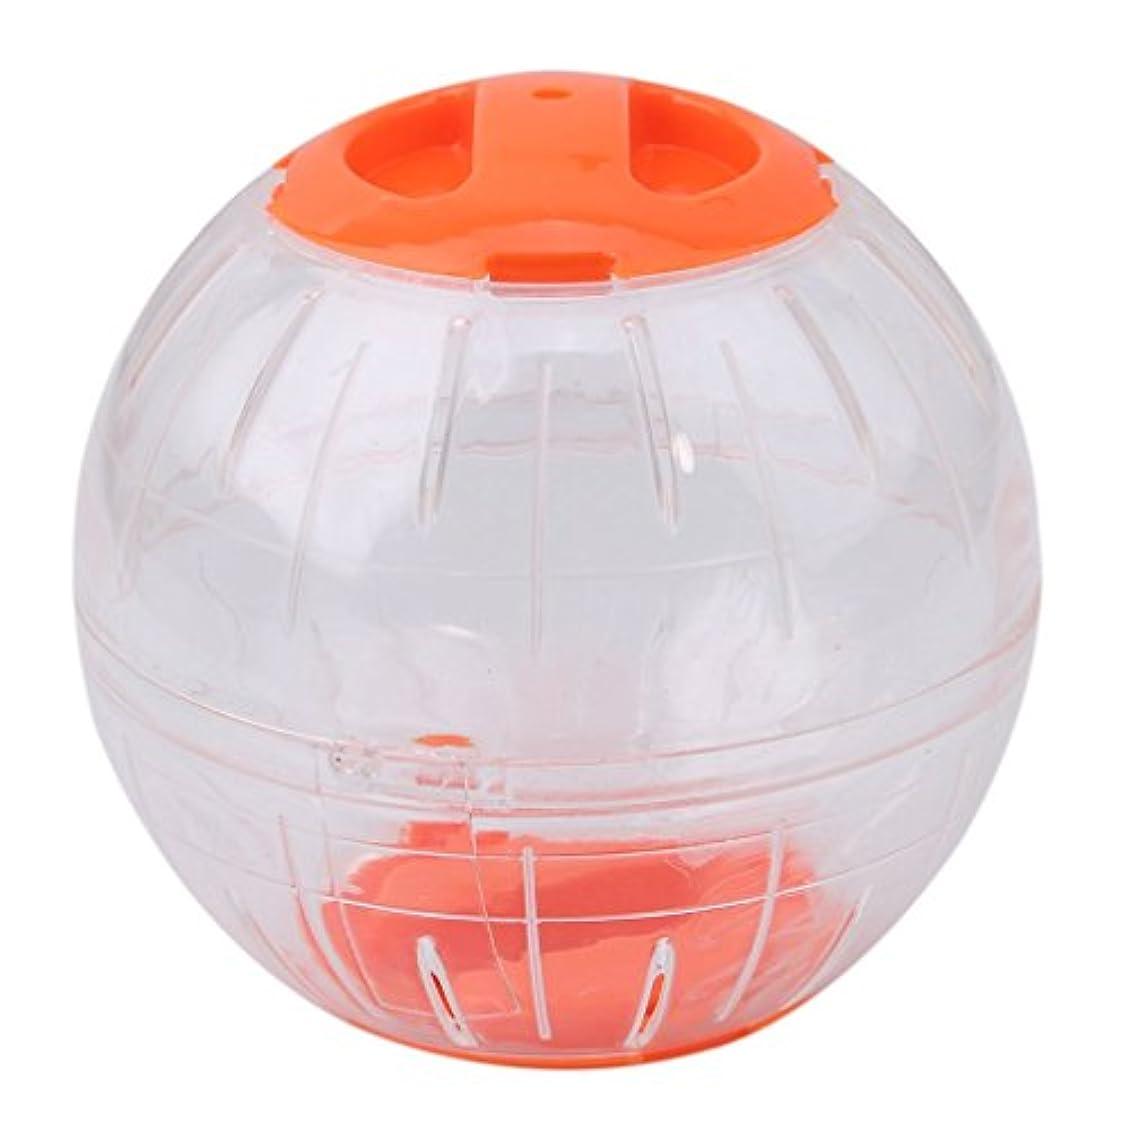 超音速拒否ゲームOnior ランナーボール ハムスターとマウス 小動物 ペット用品 おもちゃ プラスチック製 ペット遊び場 運動不足解消 玩具 人気 直径12cm耐久性